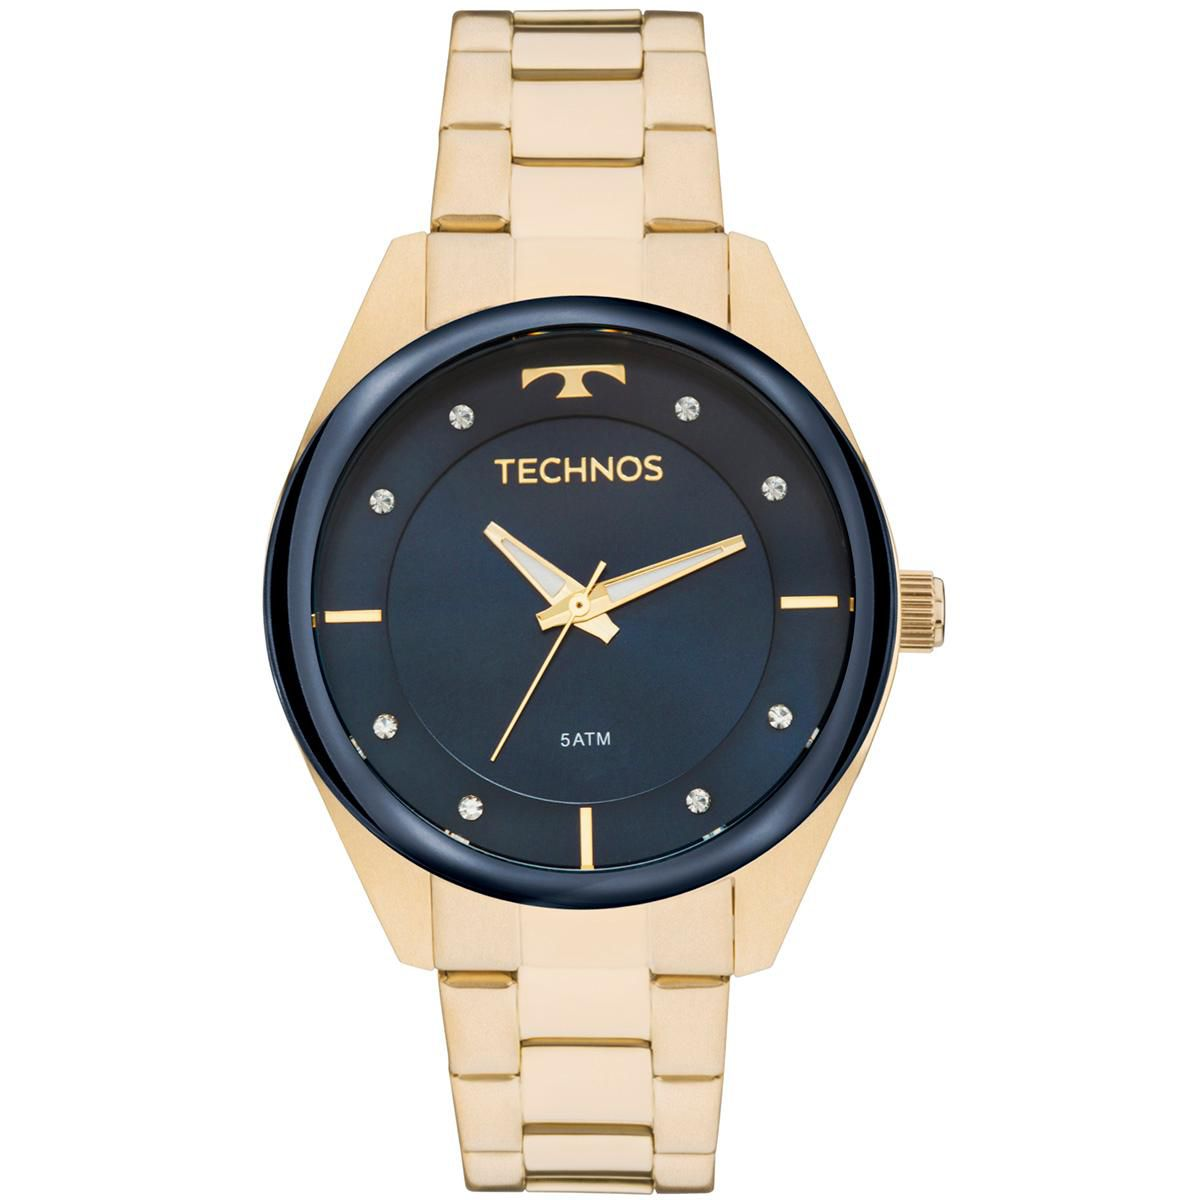 edc001f4de2 Relógio Feminino Technos Trend 2035MKX 1A 38mm Aço Dourado